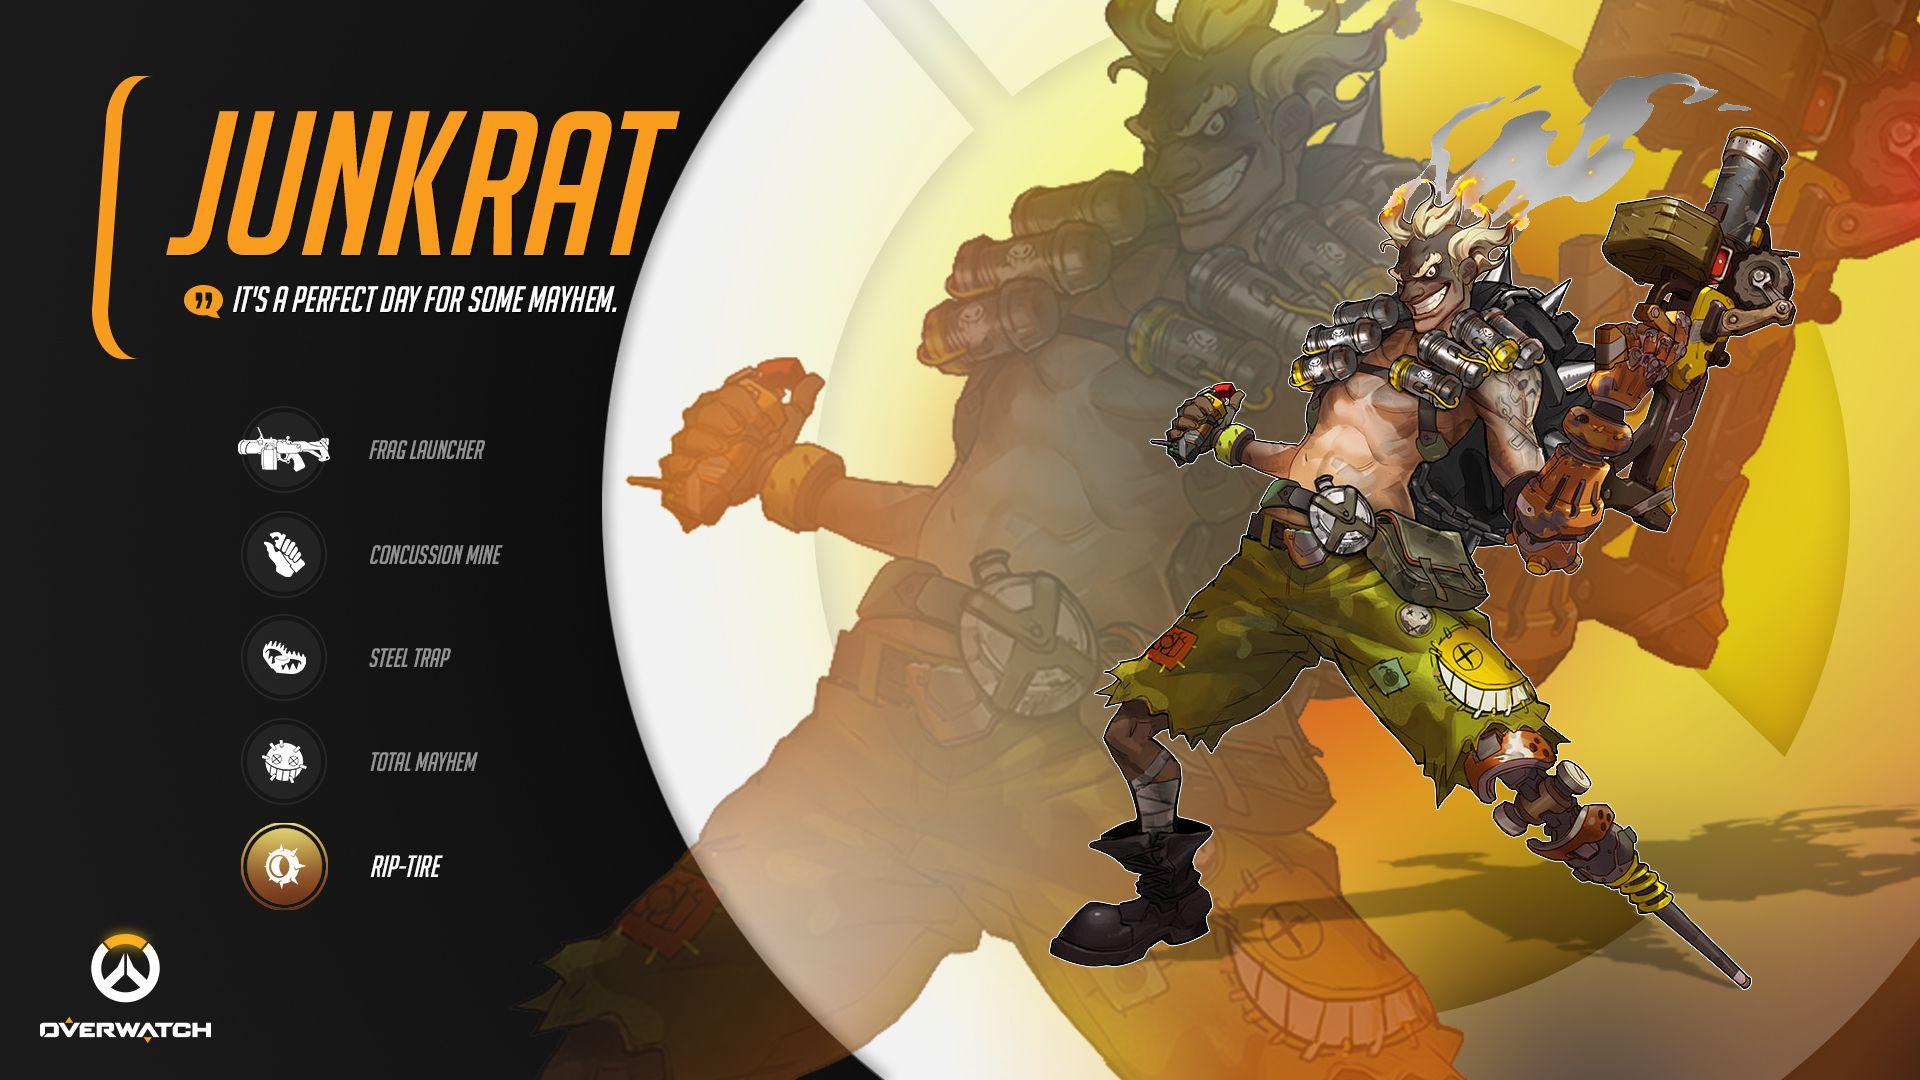 Junkrat Overwatch Wallpapers Anime Wallpaper Overwatch